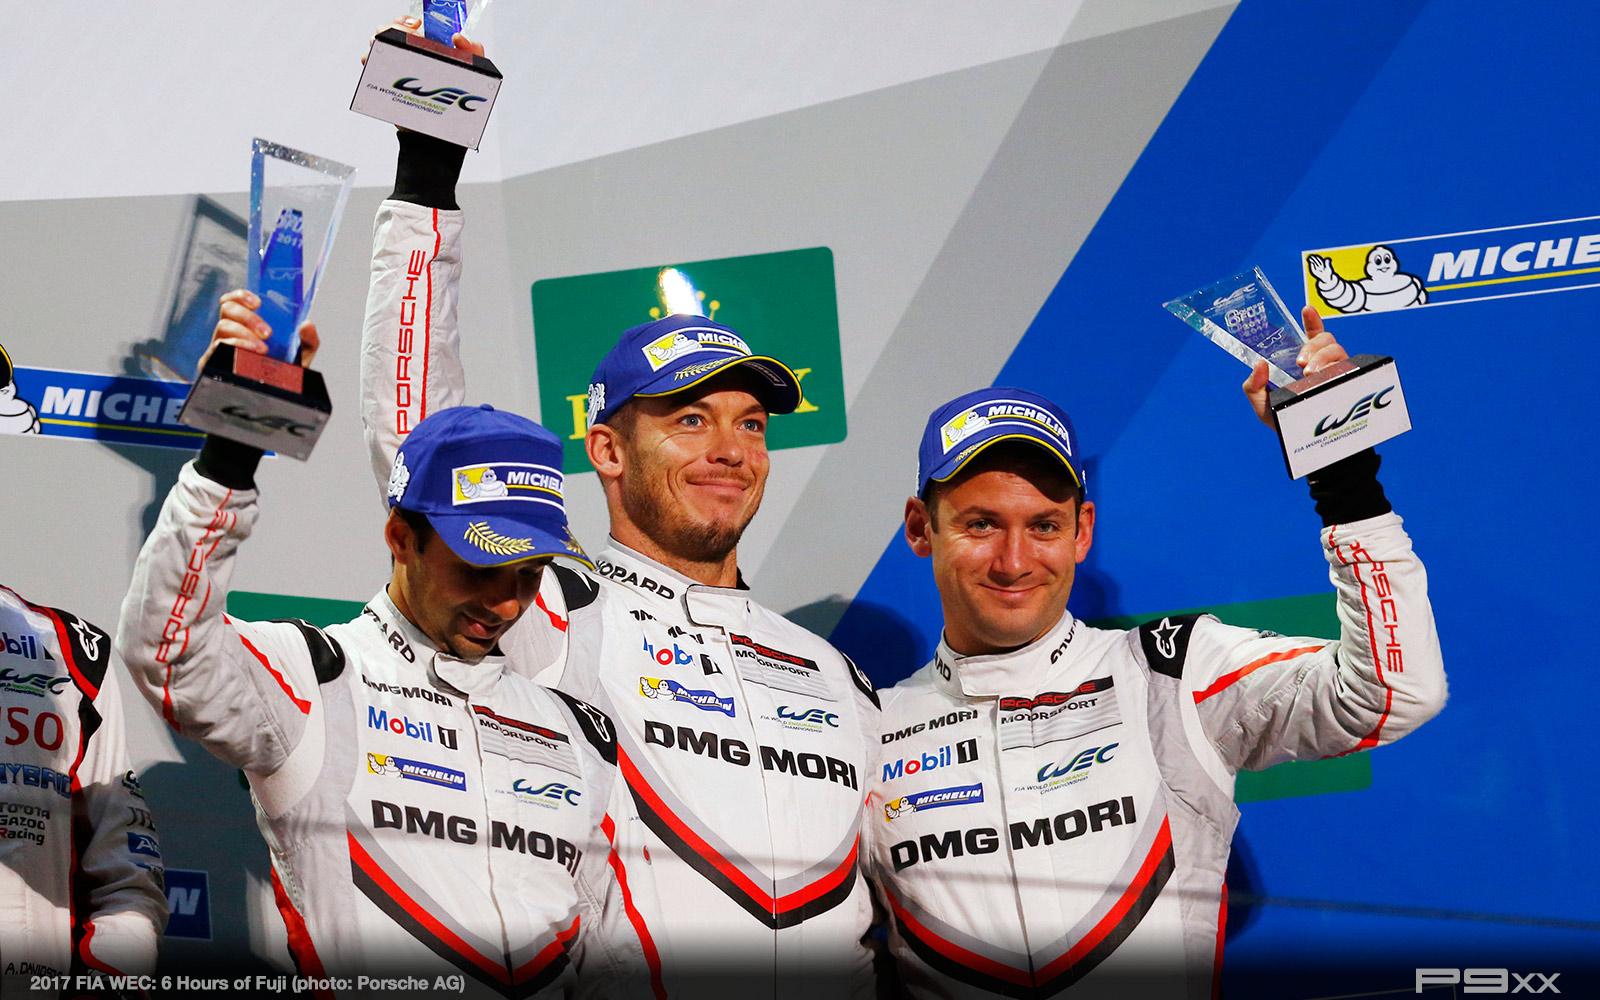 2017-FIA-WEC-6h-of-Fuji-Porsche-457